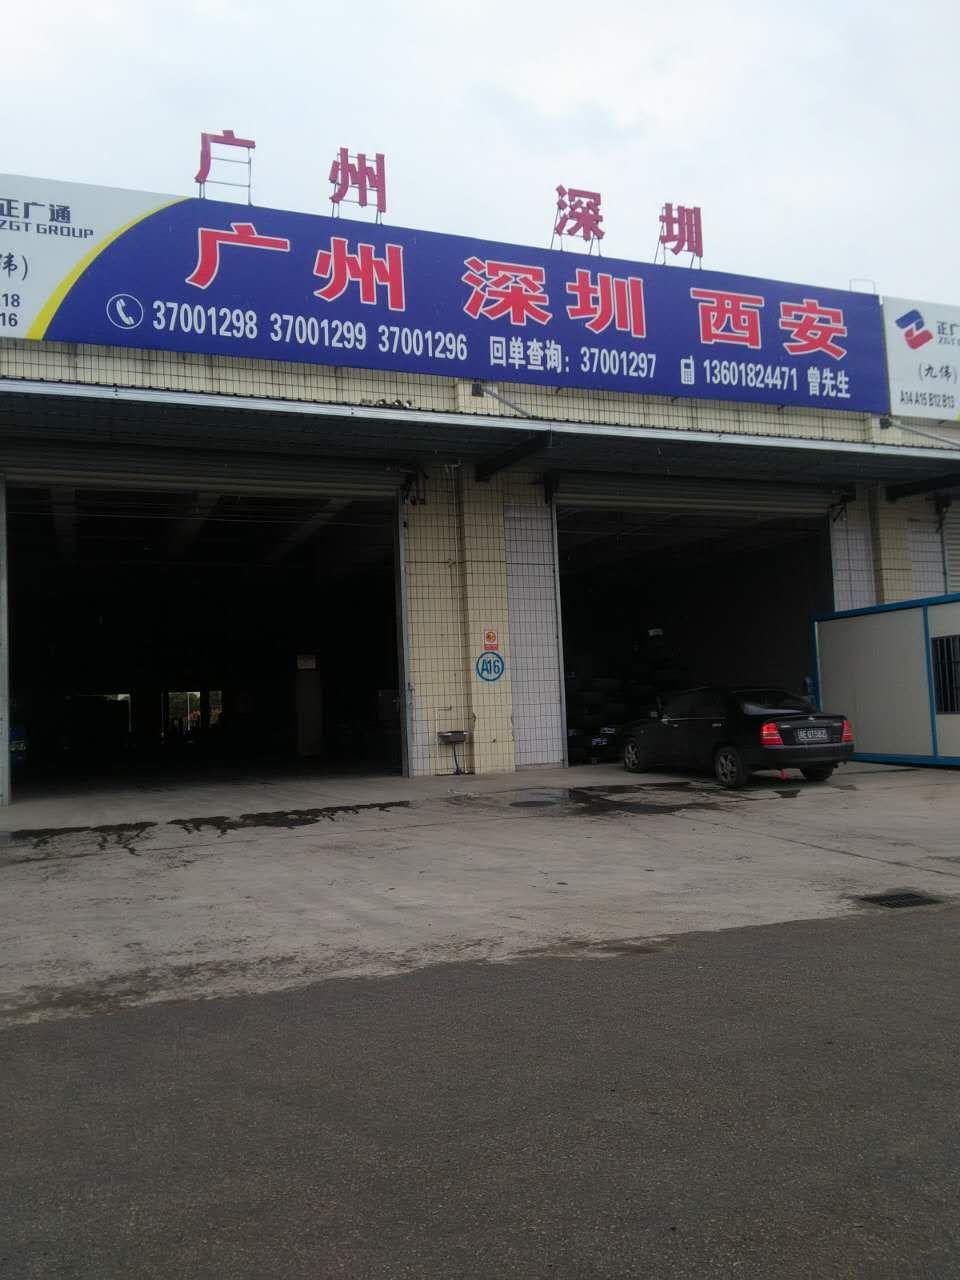 上海到盐城物流专线(上海正广通供应链管理有限公司)